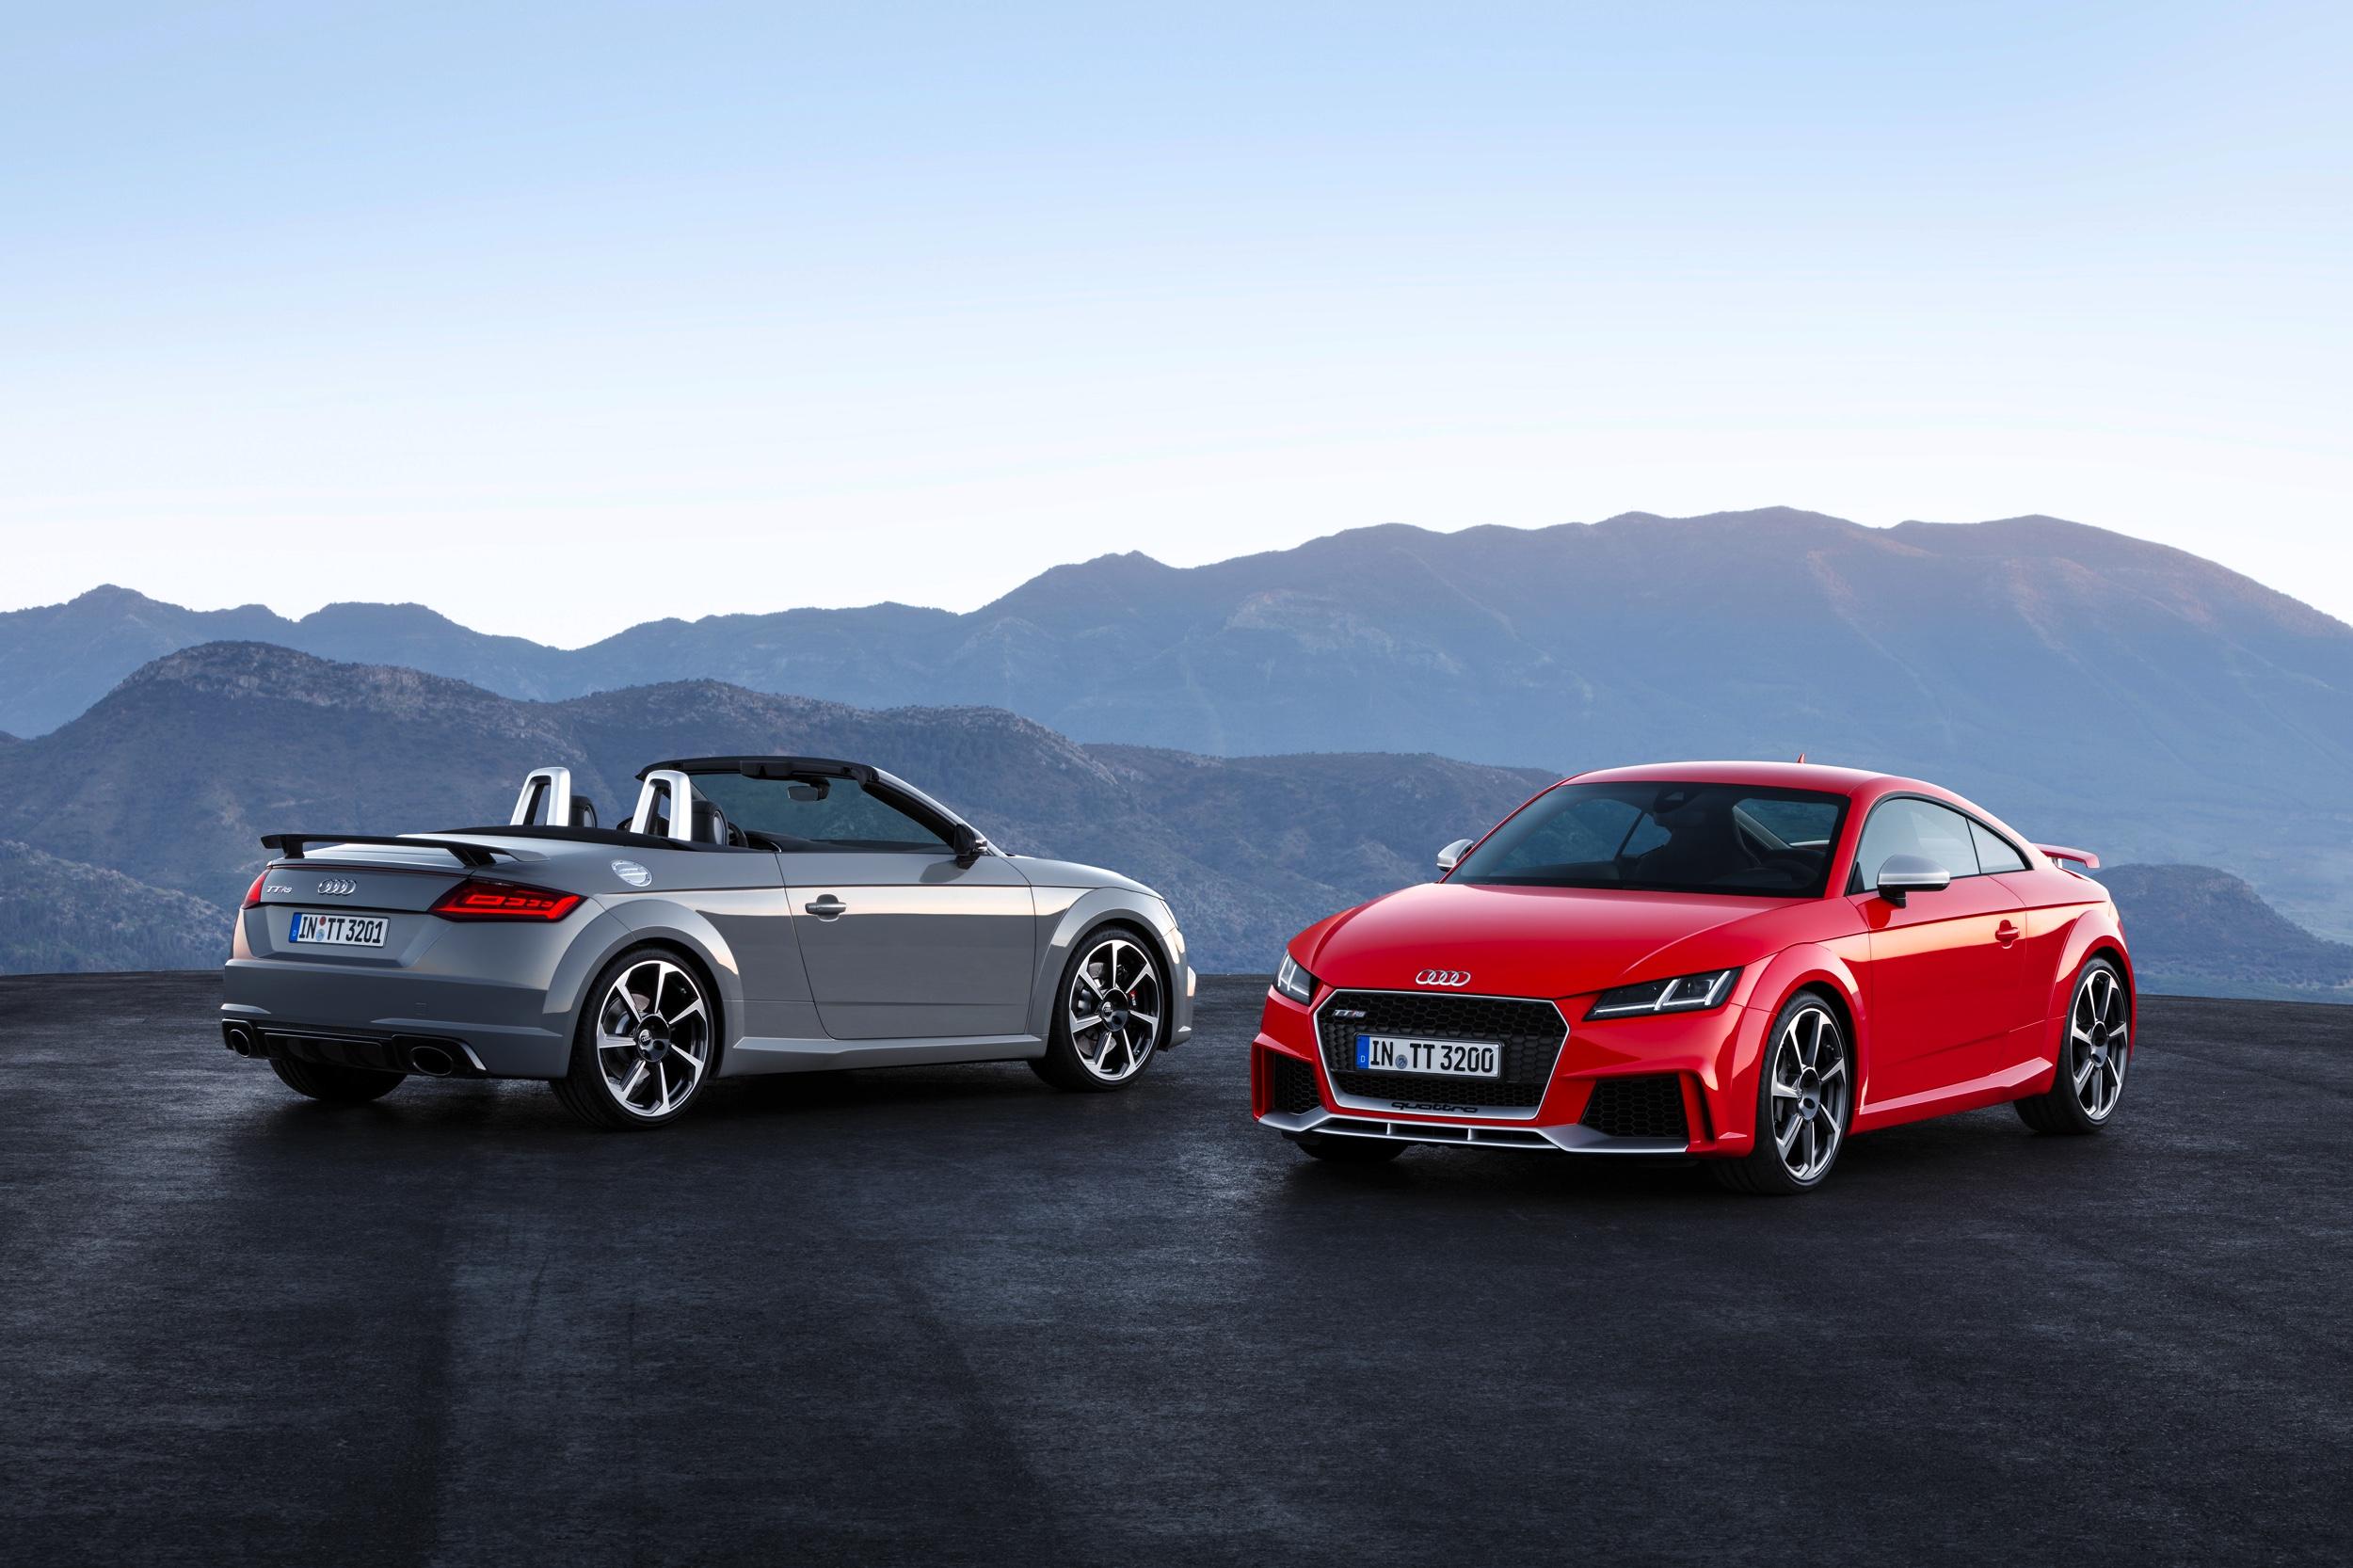 Audi TT RS -8- Autovisie.nl